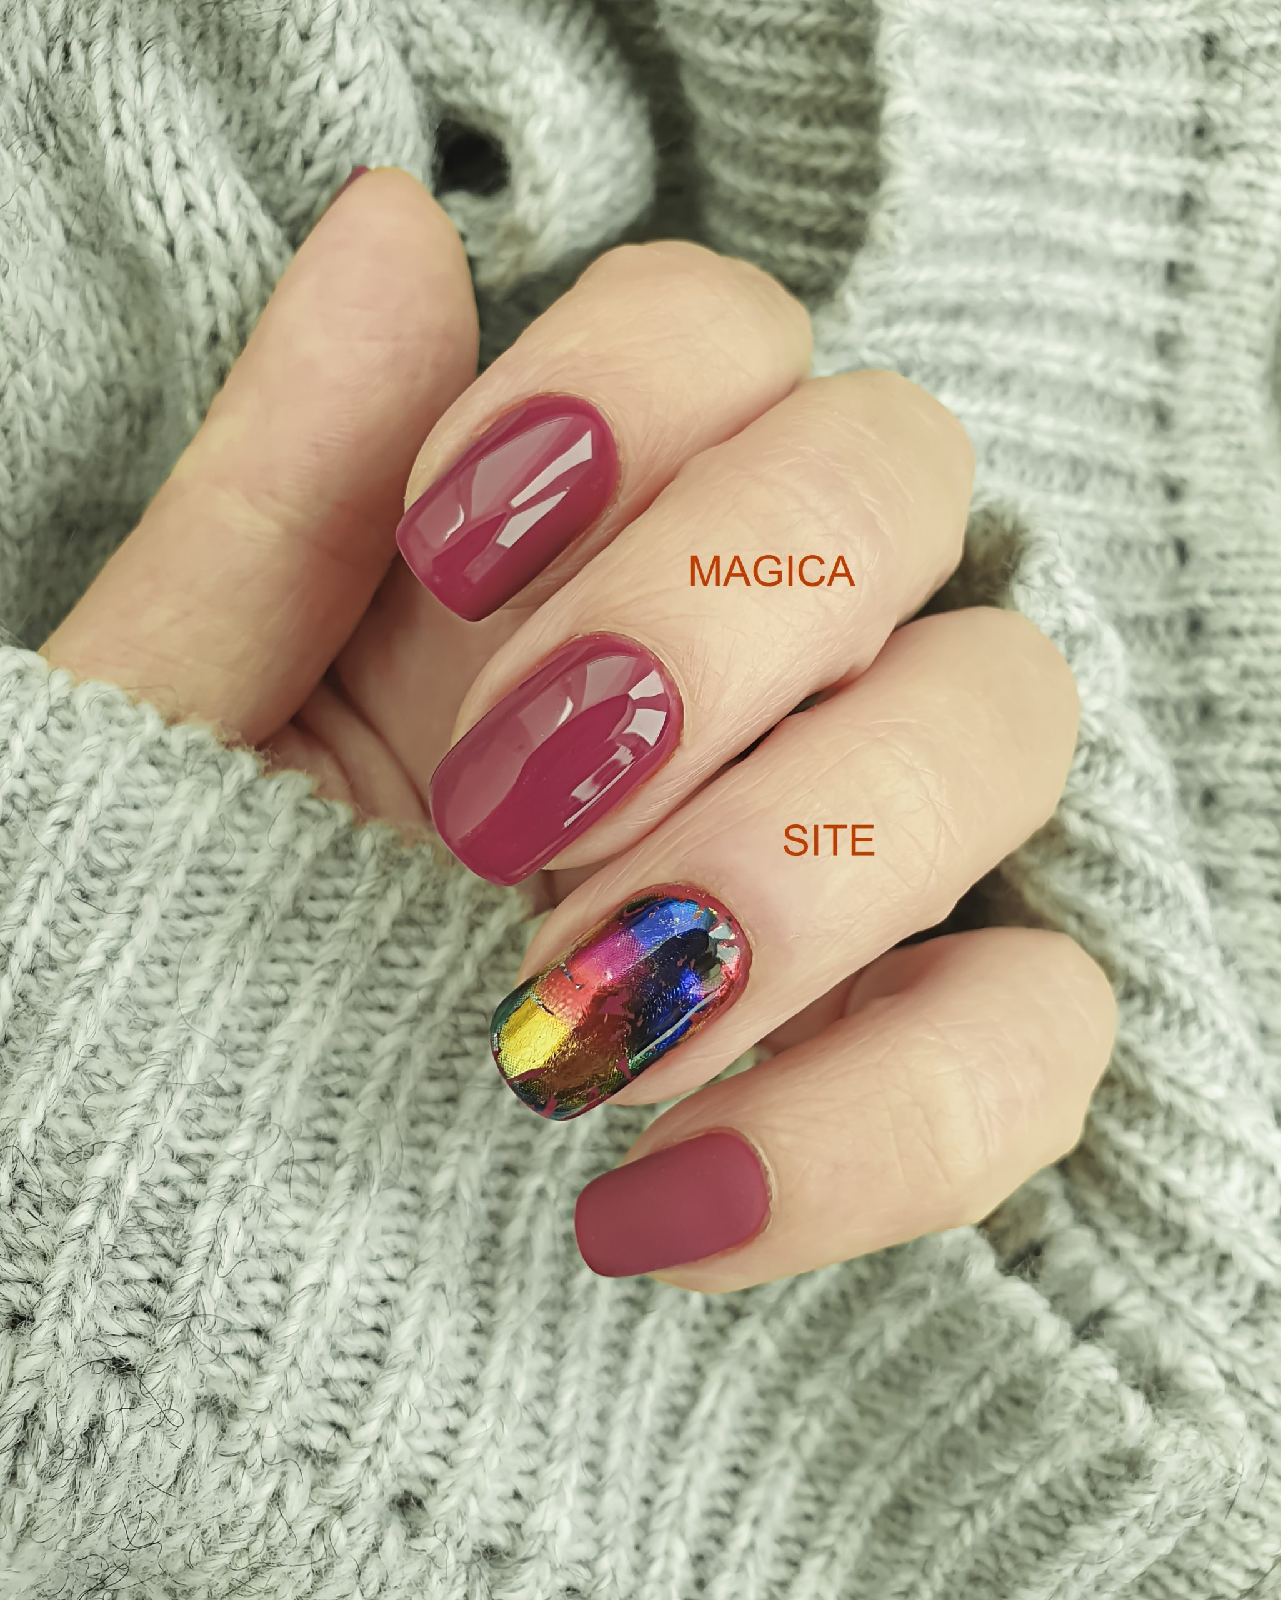 осенний маникюр, красные ногти, цвет фуксия, фольга на ногтях, блестящий маникюр, комбинированный маникюр, дизайн ногтей, маникюр 2020, фисташковый свитер